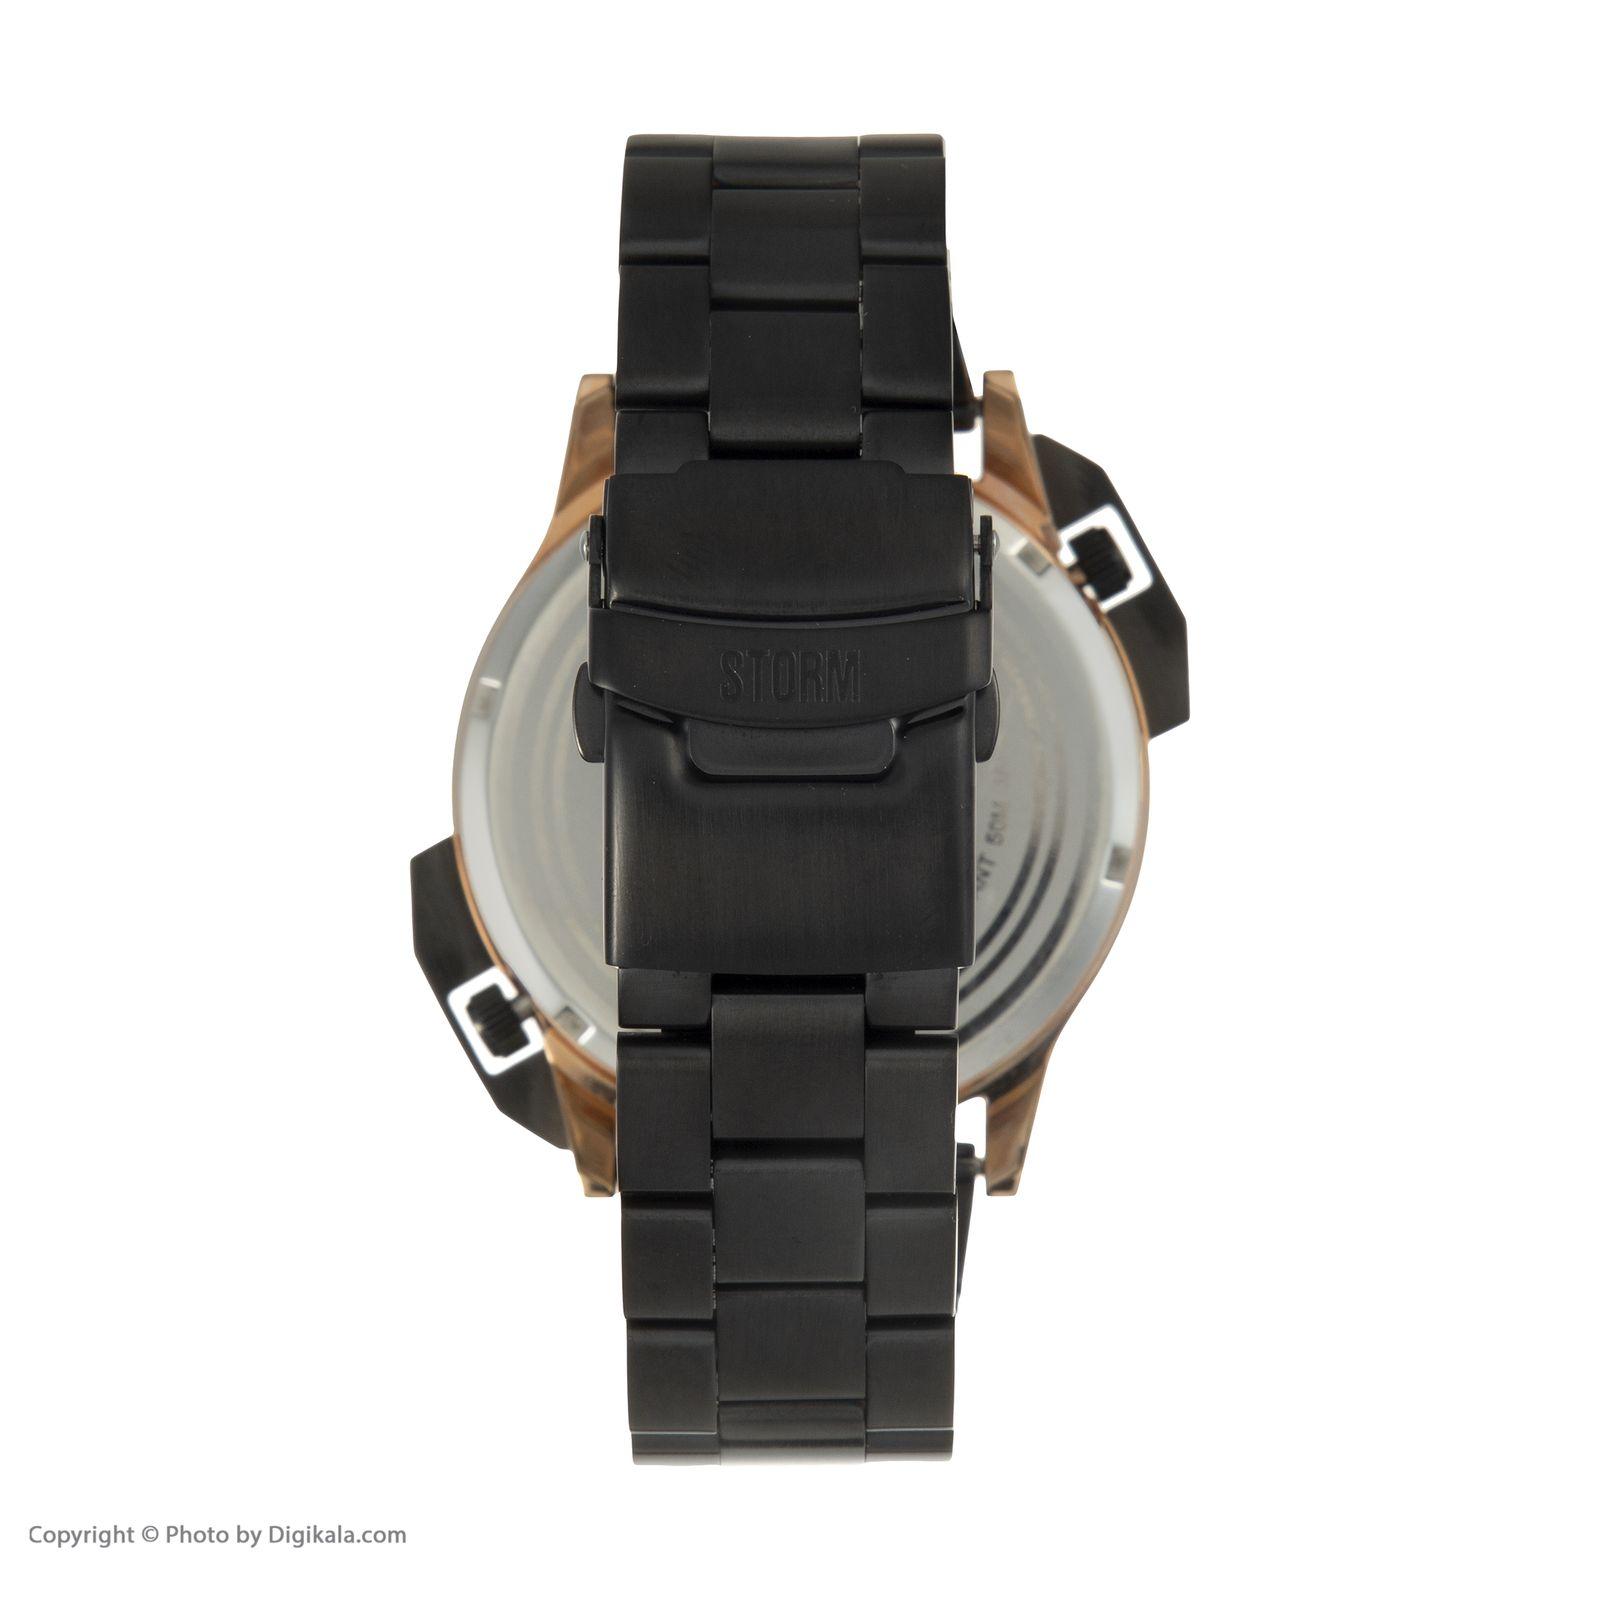 ساعت مچی عقربه ای مردانه استورم مدل ST 47135-RG -  - 5